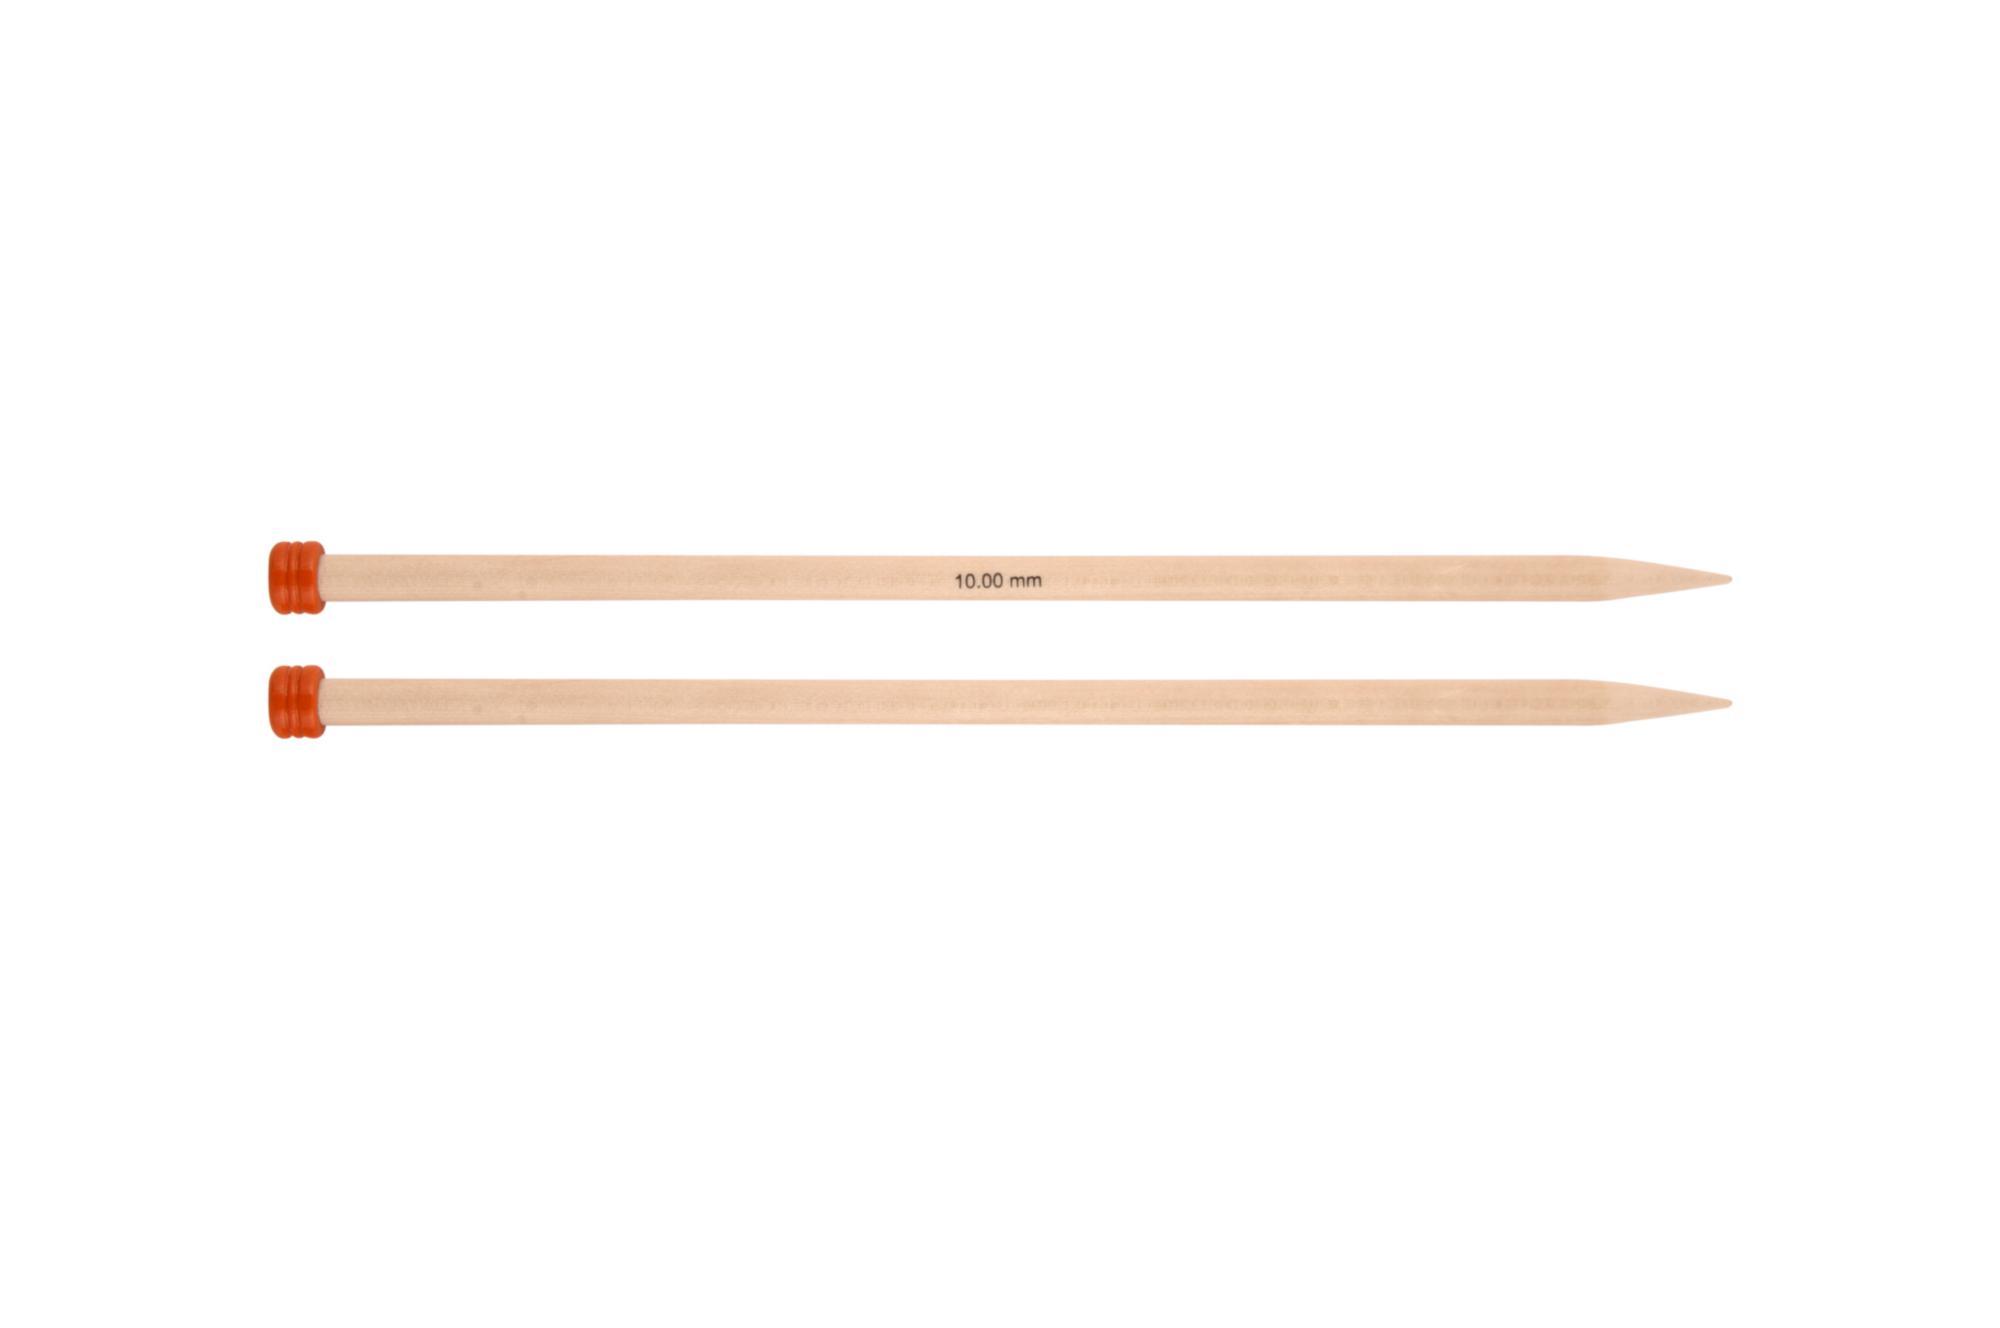 Спицы прямые 25 см Basix Birch Wood KnitPro, 35213, 12.00 мм